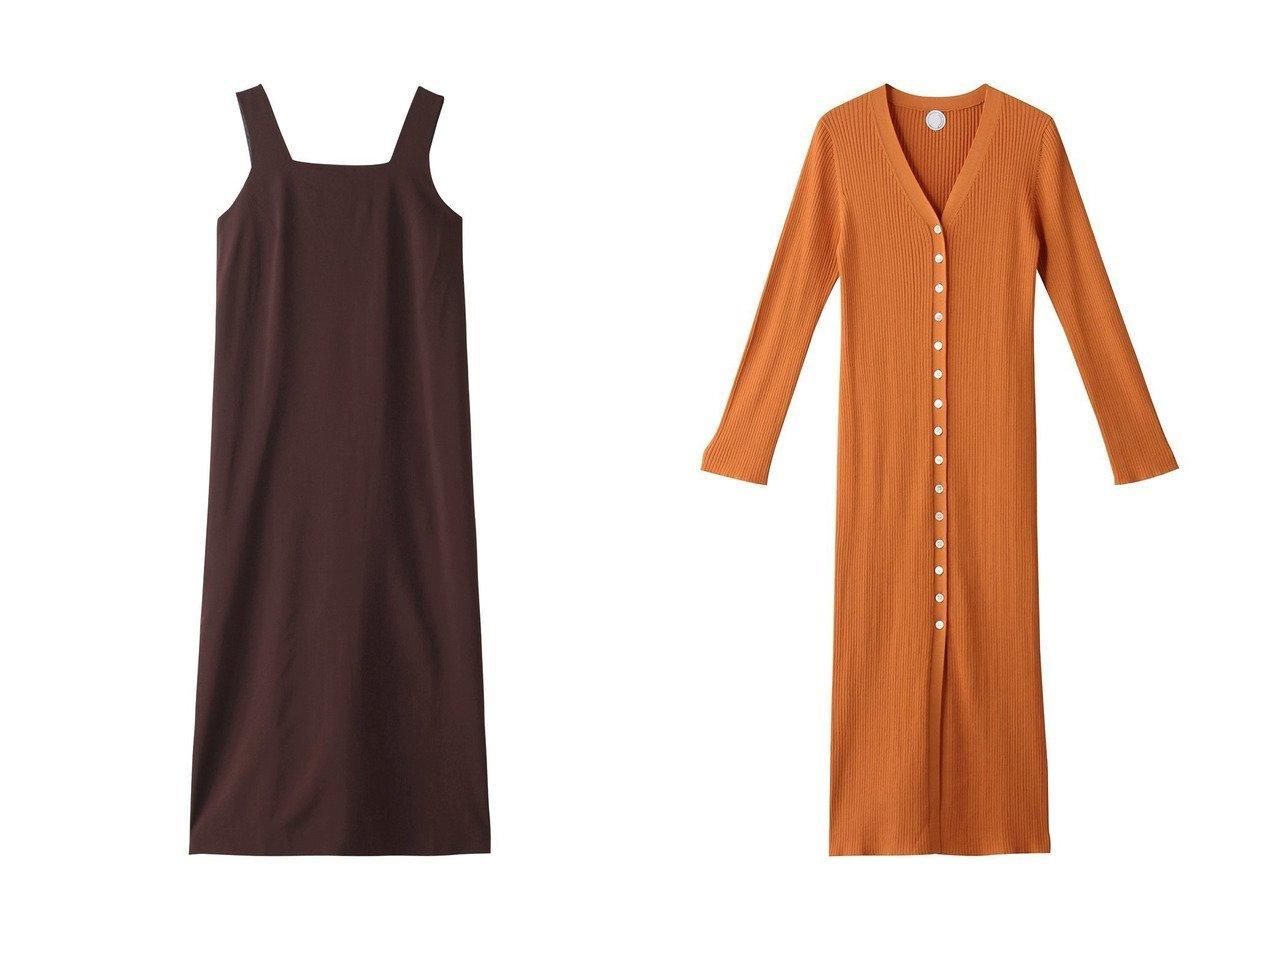 【JAMAIS VU/ジャメヴ】のサマーウールワンピース&アイスコットン ワンピースカーディガン 【ワンピース・ドレス】おすすめ!人気、トレンド・レディースファッションの通販  おすすめで人気の流行・トレンド、ファッションの通販商品 メンズファッション・キッズファッション・インテリア・家具・レディースファッション・服の通販 founy(ファニー) https://founy.com/ ファッション Fashion レディースファッション WOMEN ワンピース Dress 2021年 2021 2021春夏・S/S SS/Spring/Summer/2021 S/S・春夏 SS・Spring/Summer カットソー サマー 春 Spring おすすめ Recommend カーディガン フィット 羽織 |ID:crp329100000027084